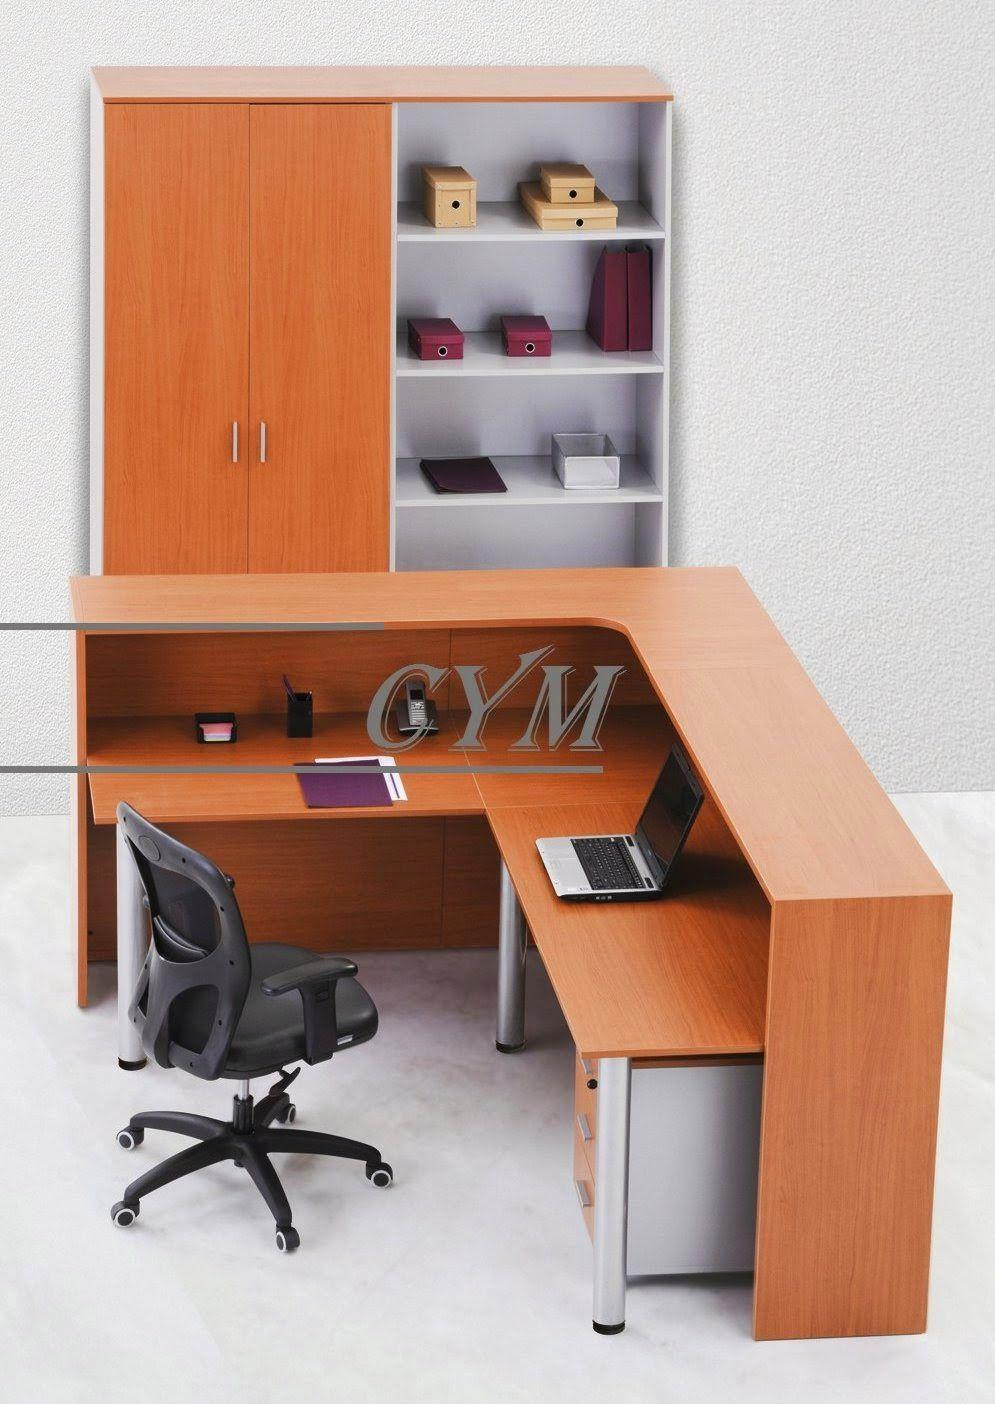 Muebles De Oficina Mi Consultorio Pinterest Muebles De  # Muebles Registrables